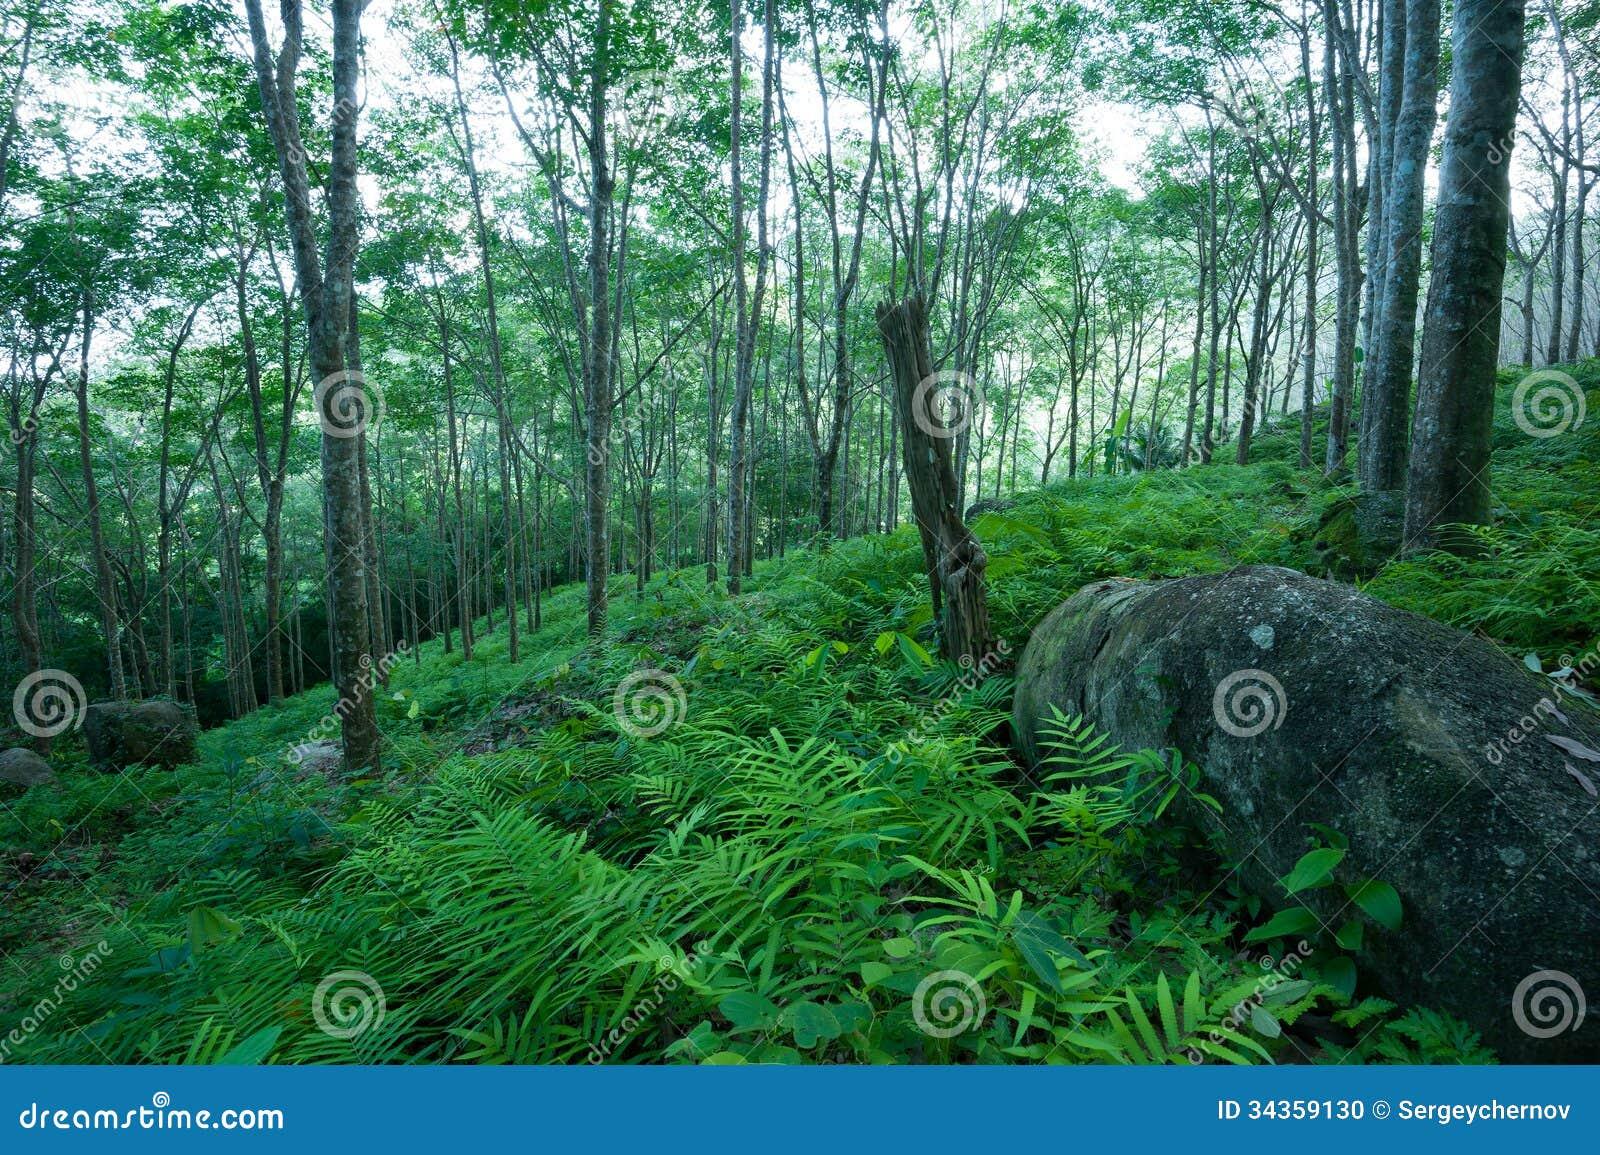 Paysage d 39 arbres forestiers plantation d 39 arbre en caoutchouc photo stock image 34359130 - Plantation d arbres synonyme ...